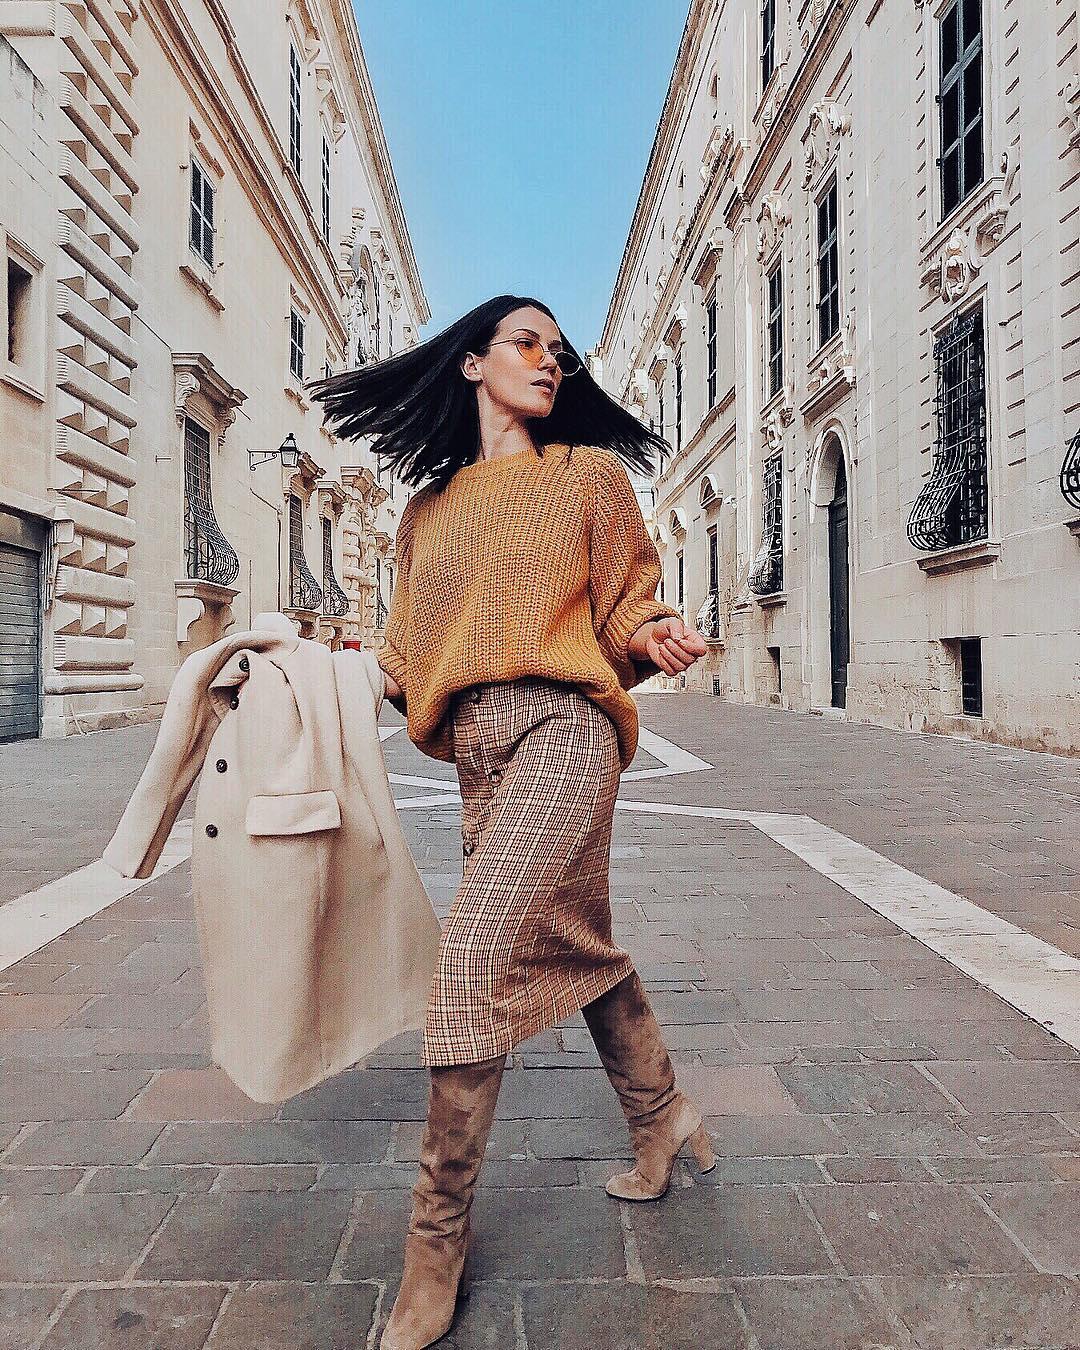 модные образы для деловых женщин осени 2019 фото 4